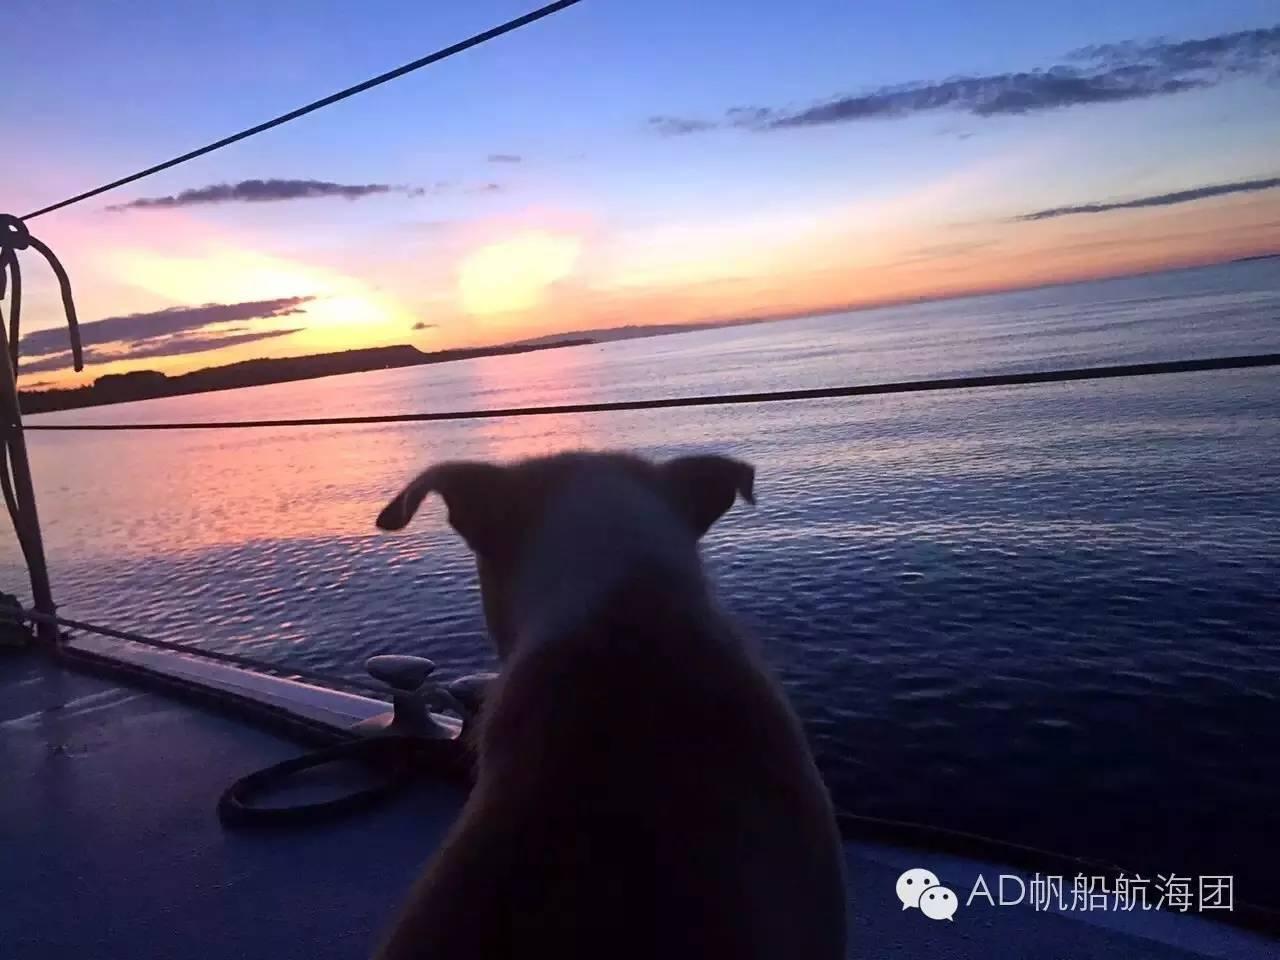 与航海无关—一只水手狗的羁绊 633ffa5bfe79264cb48f5fe0ac6c6bce.jpg